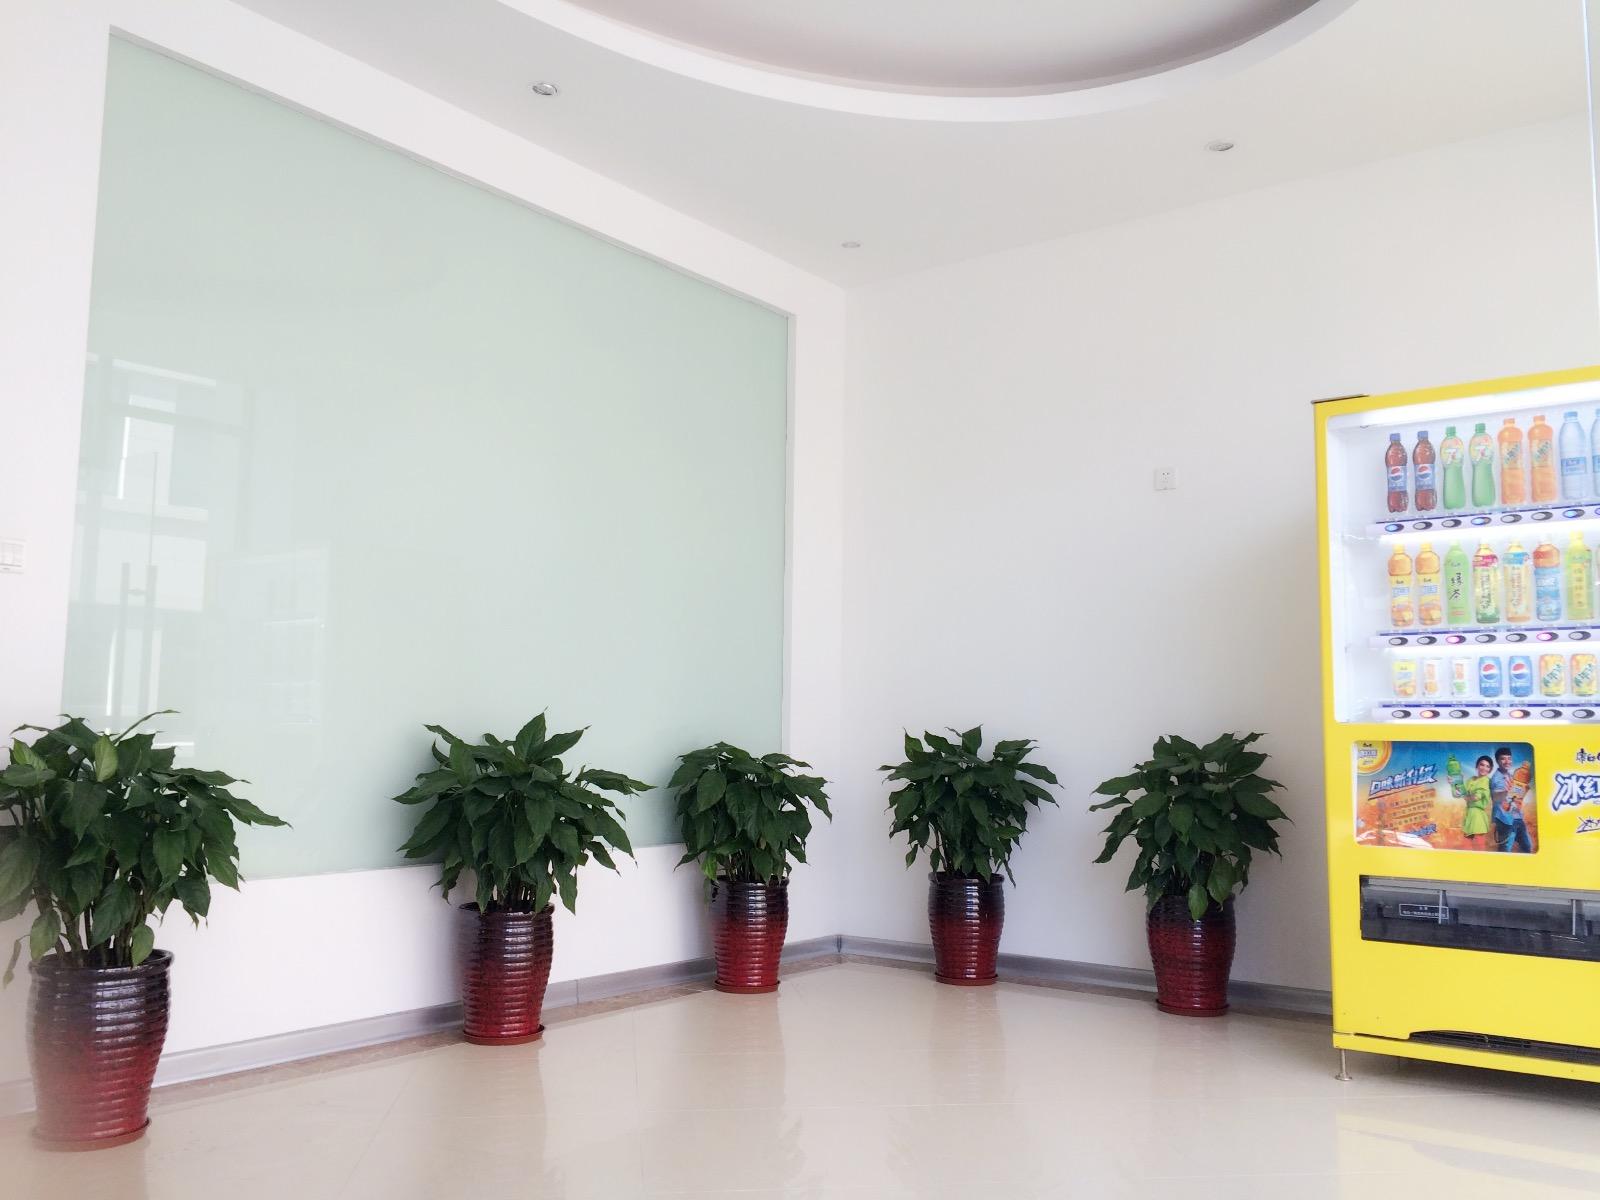 普陀区 李子园地铁站 小面积办公室 全新装修麦腾创业天地